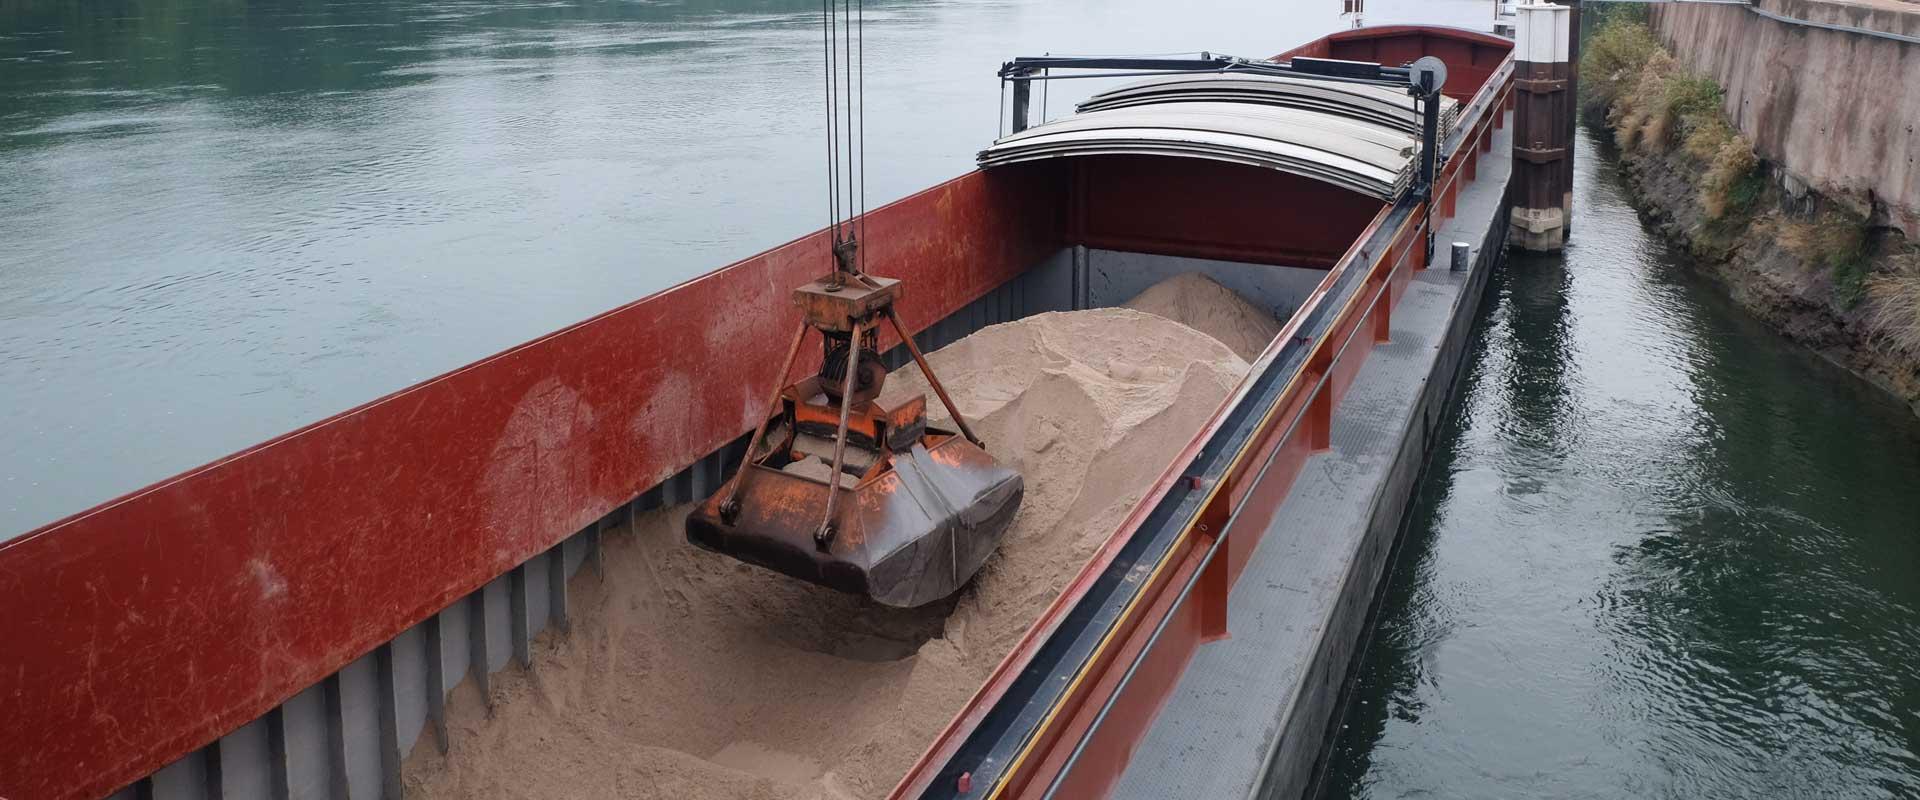 Le sable est notre vie